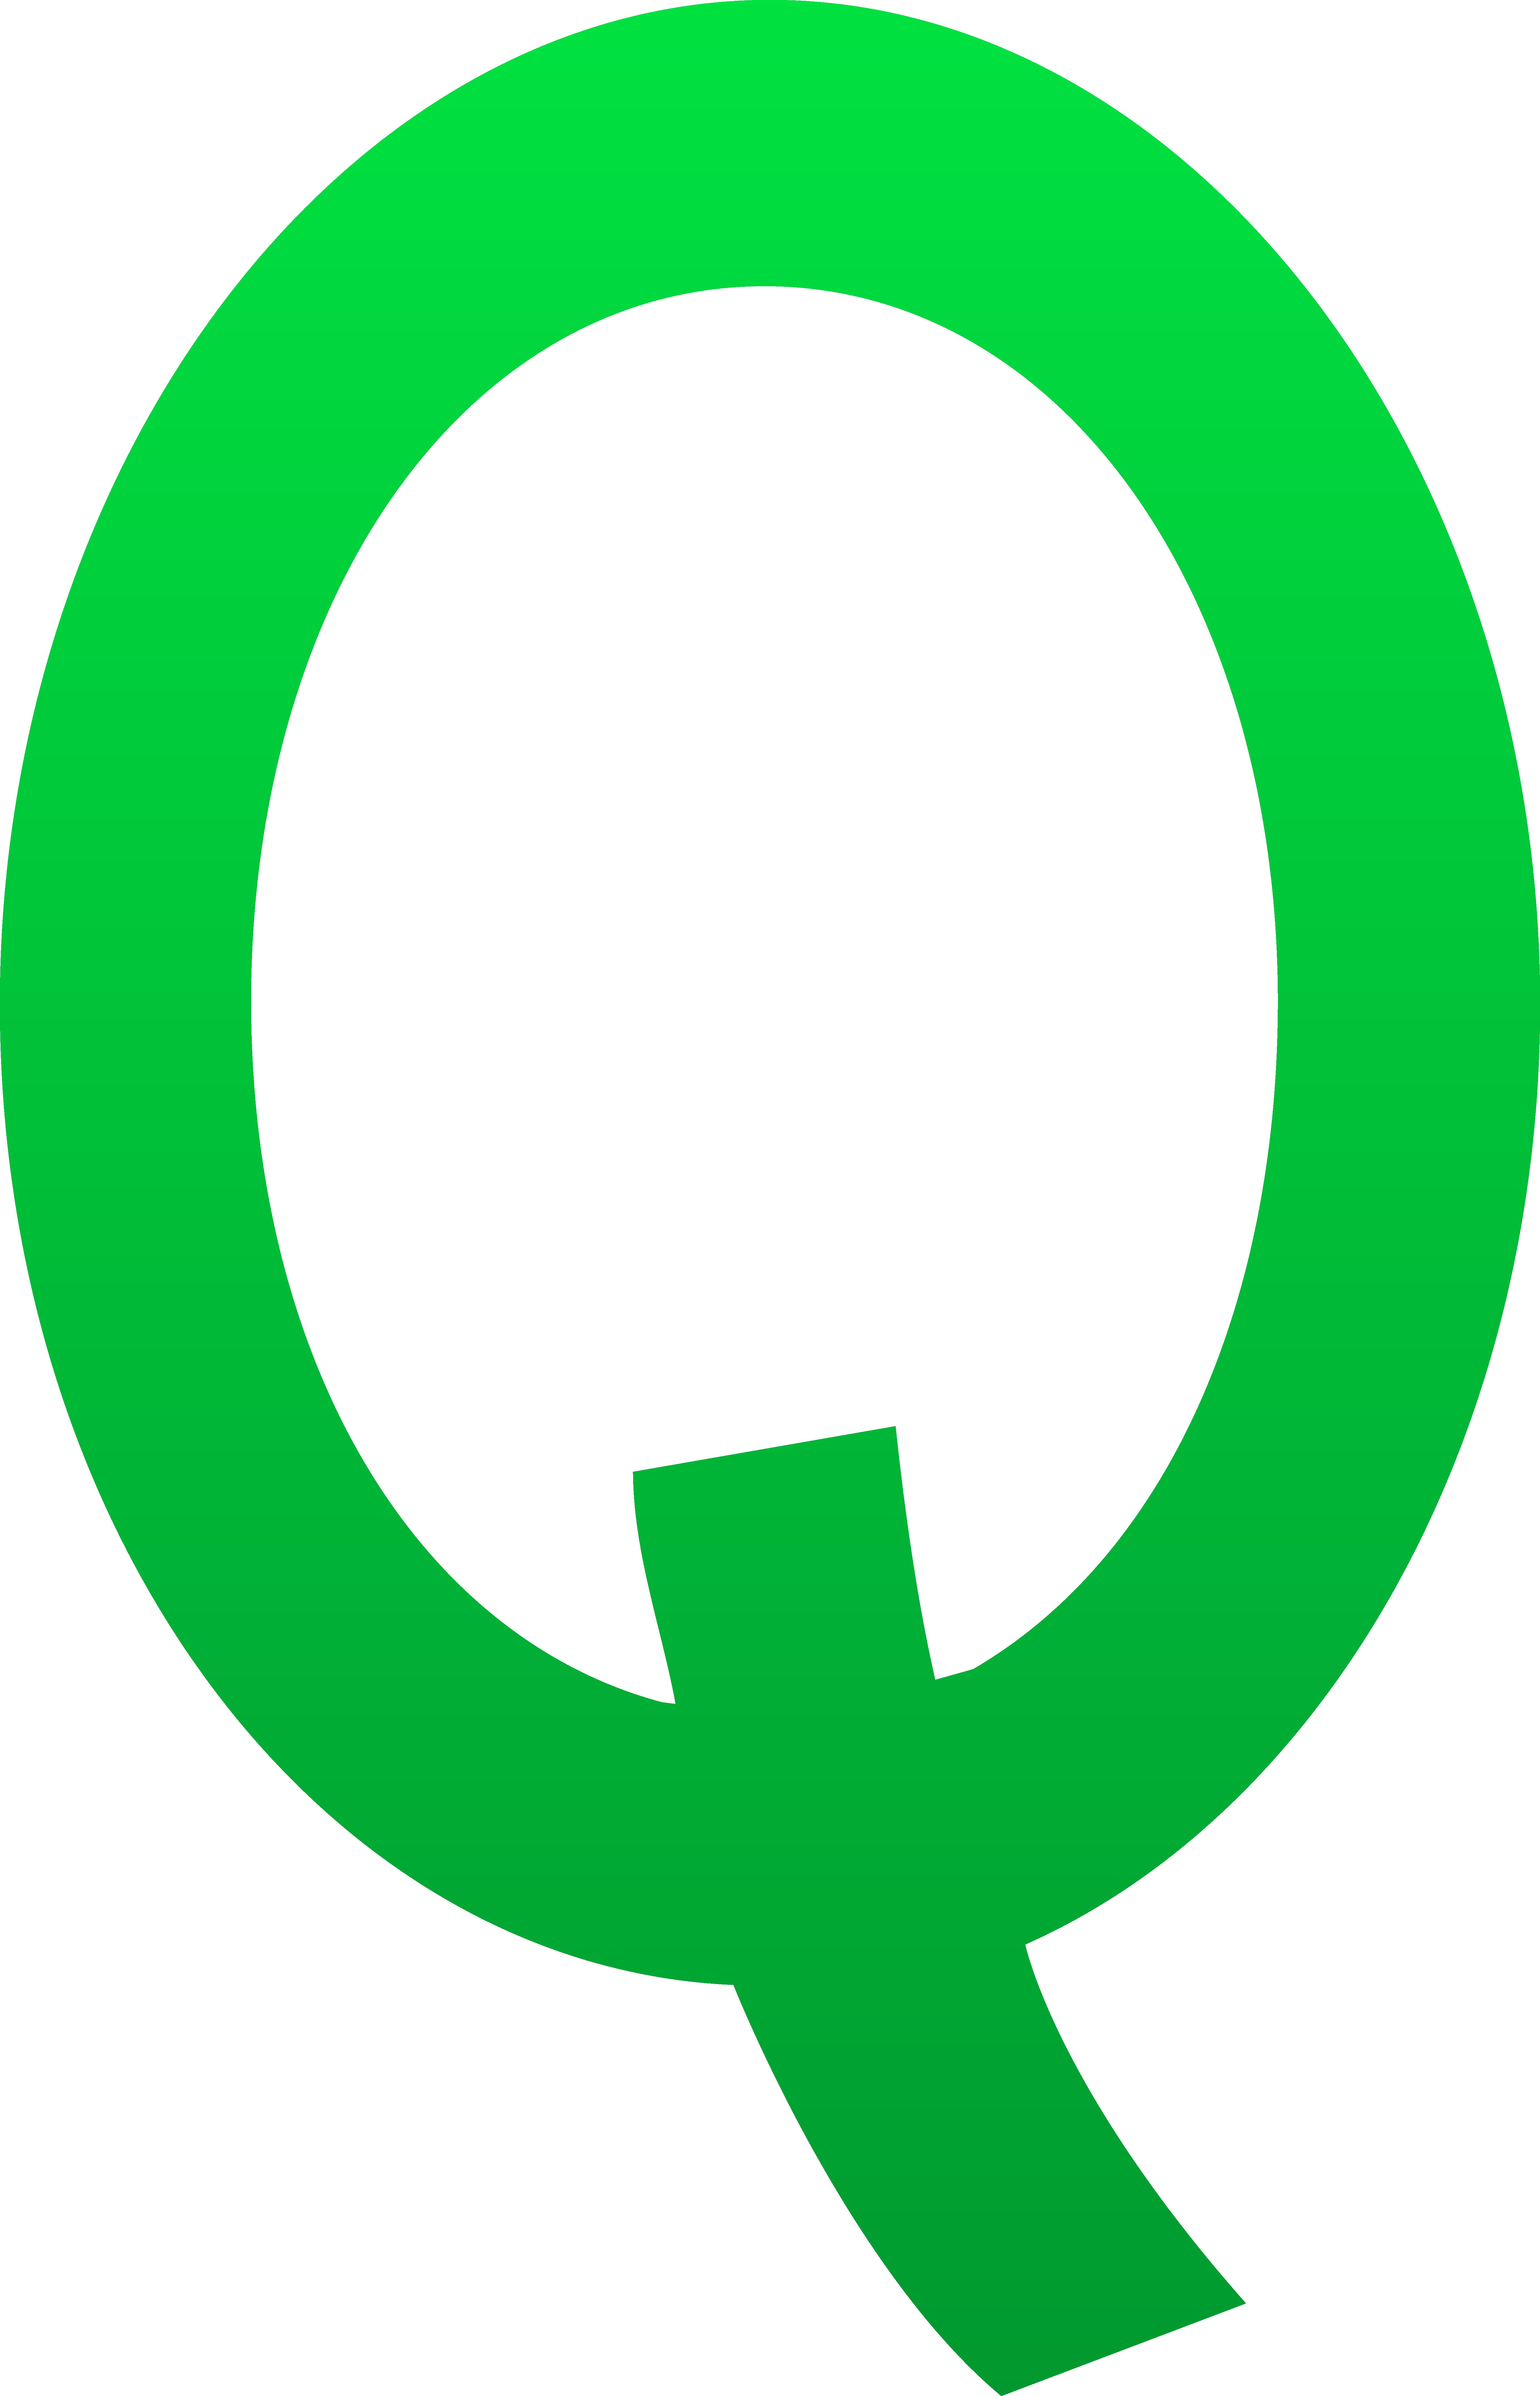 5548x8630 Letter Q Clip Art